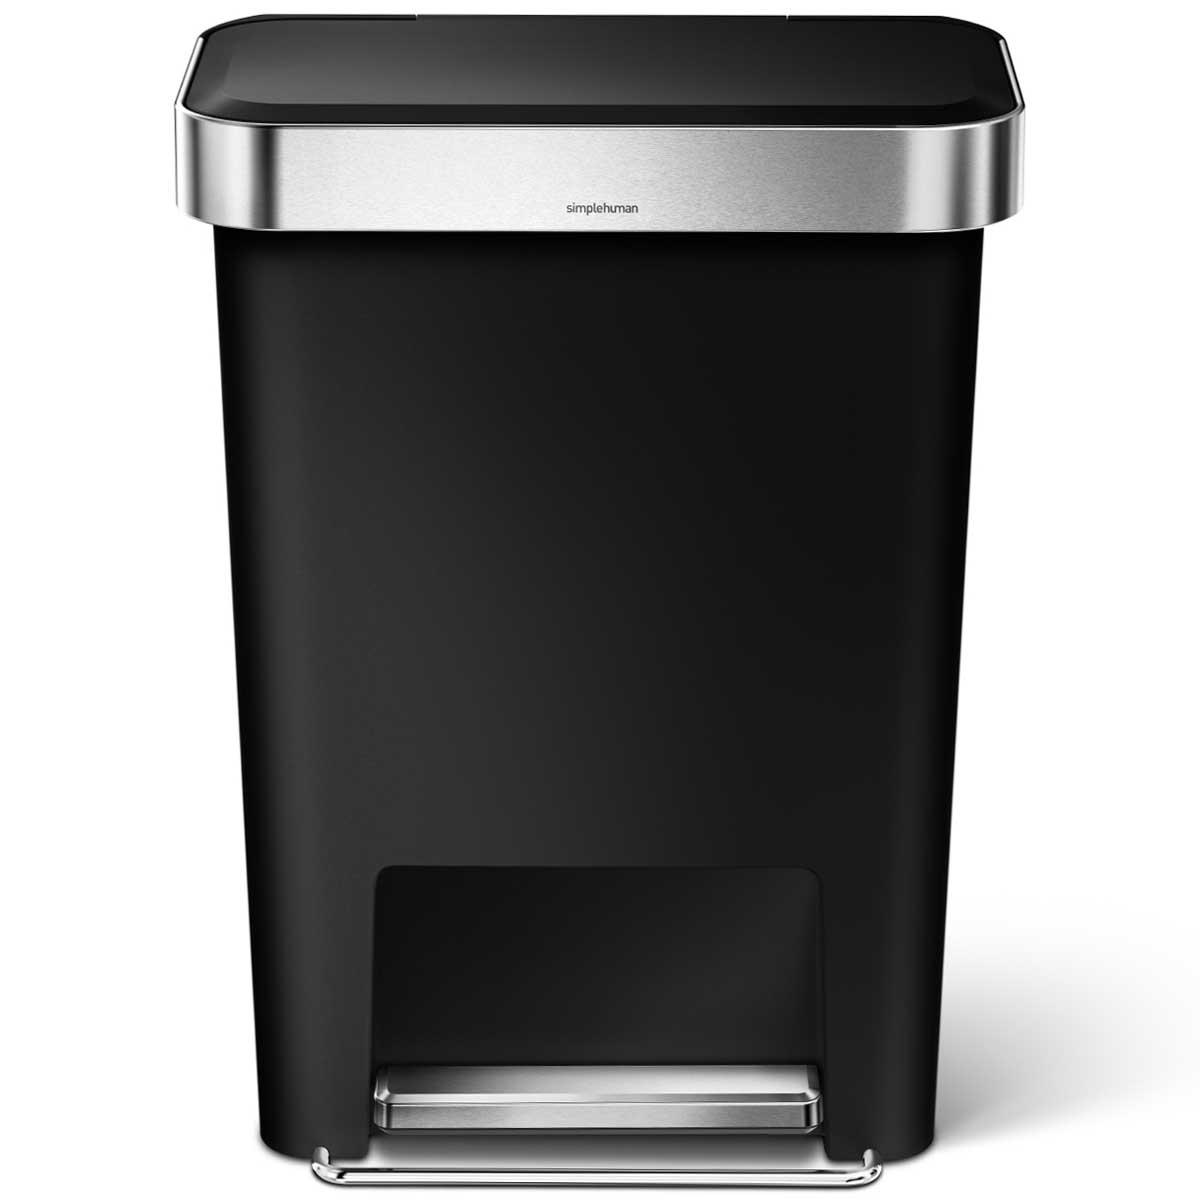 simplehuman ゴミ箱 プラスチックレクタンギュラーステップカン 45L ふた付き ペダル ダストボックス ごみ箱 シンプルヒューマン 正規品 メーカー保証付き 角型ゴミ箱 45リットル CW1385 ブラック